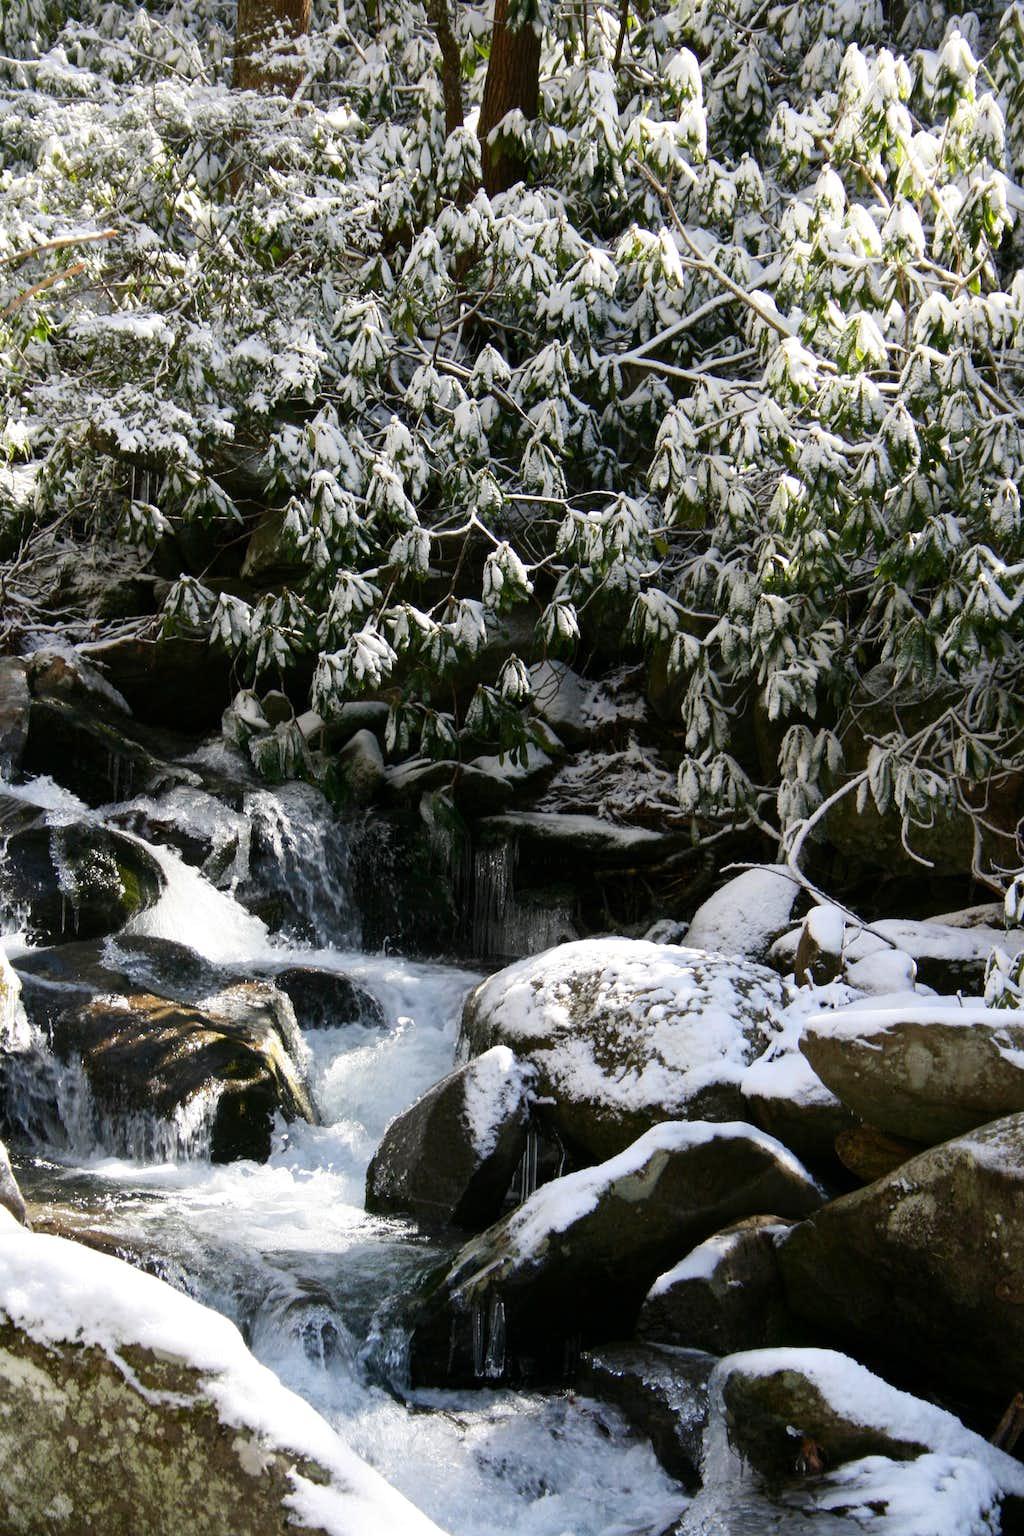 LeConte Creek in Snow